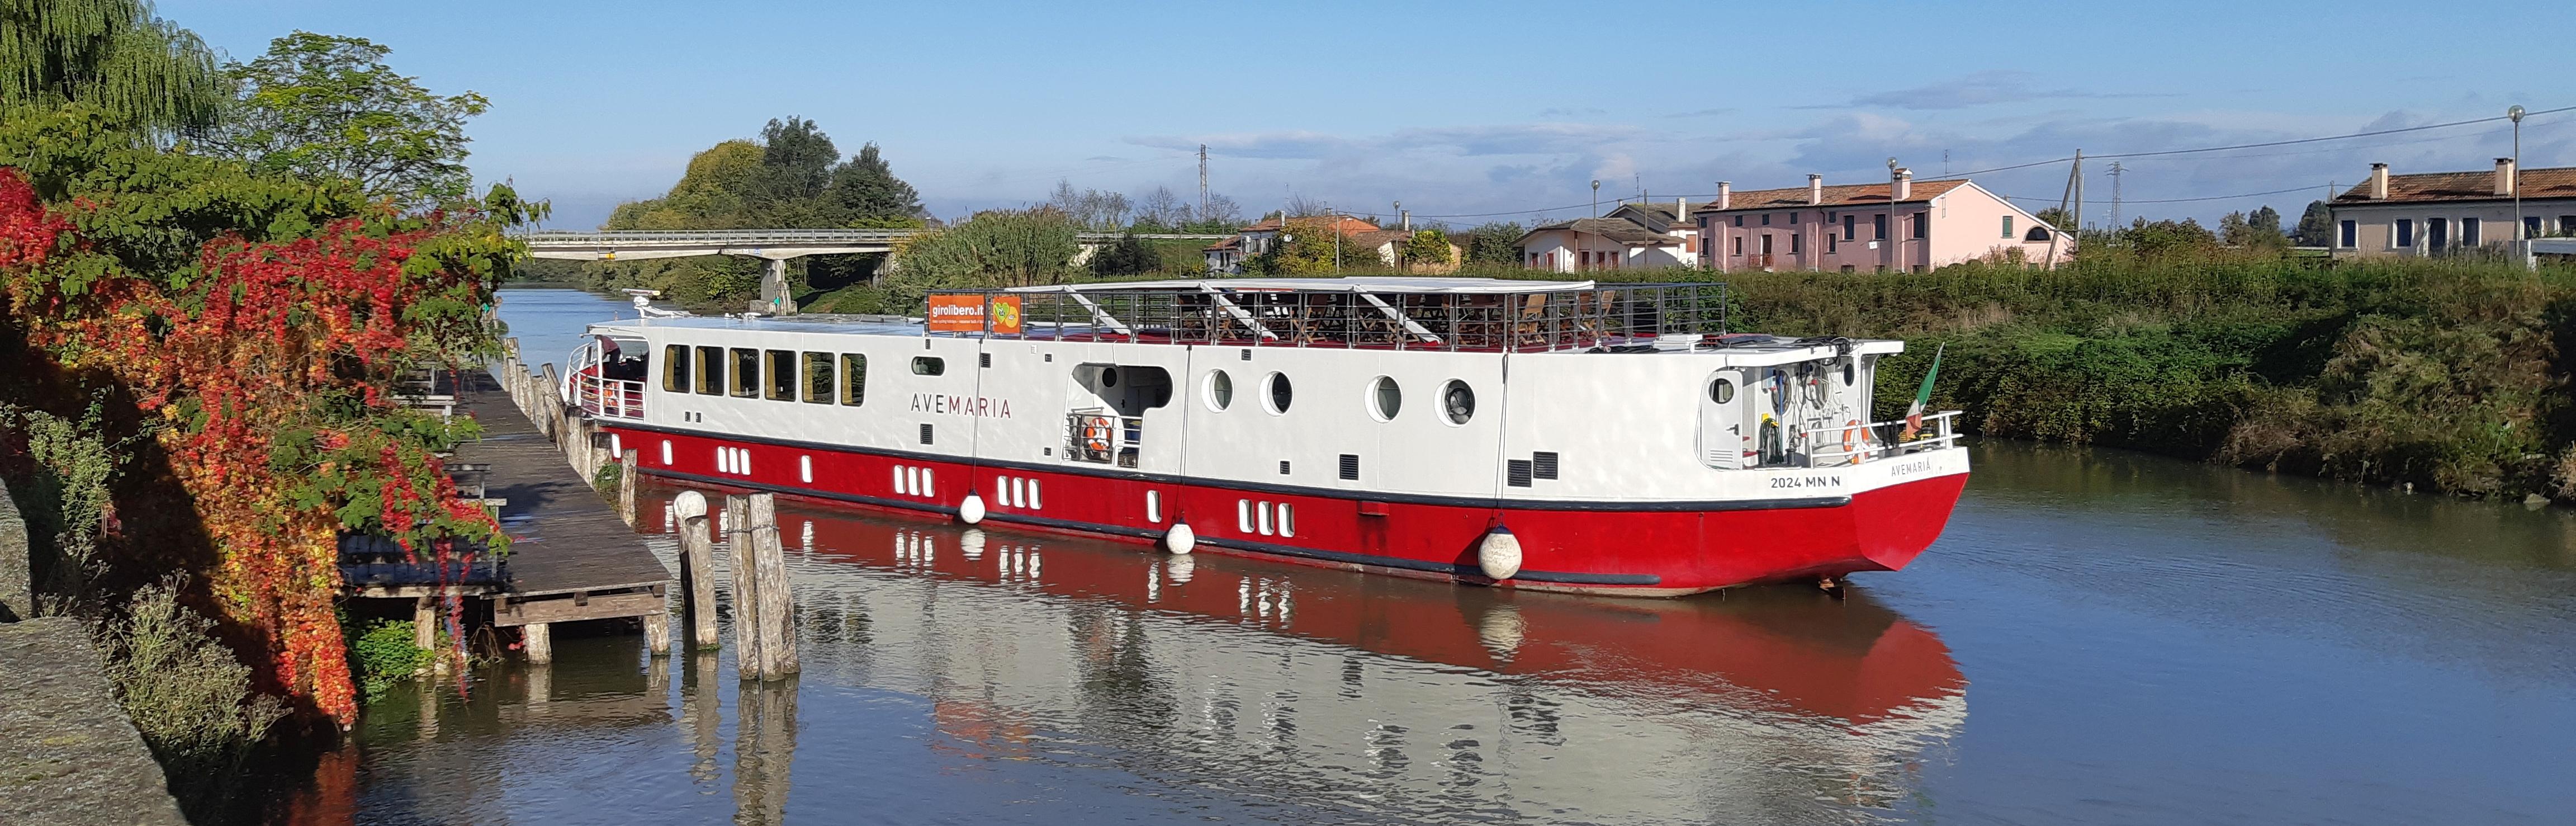 viaggi in bici + barca Girolibero